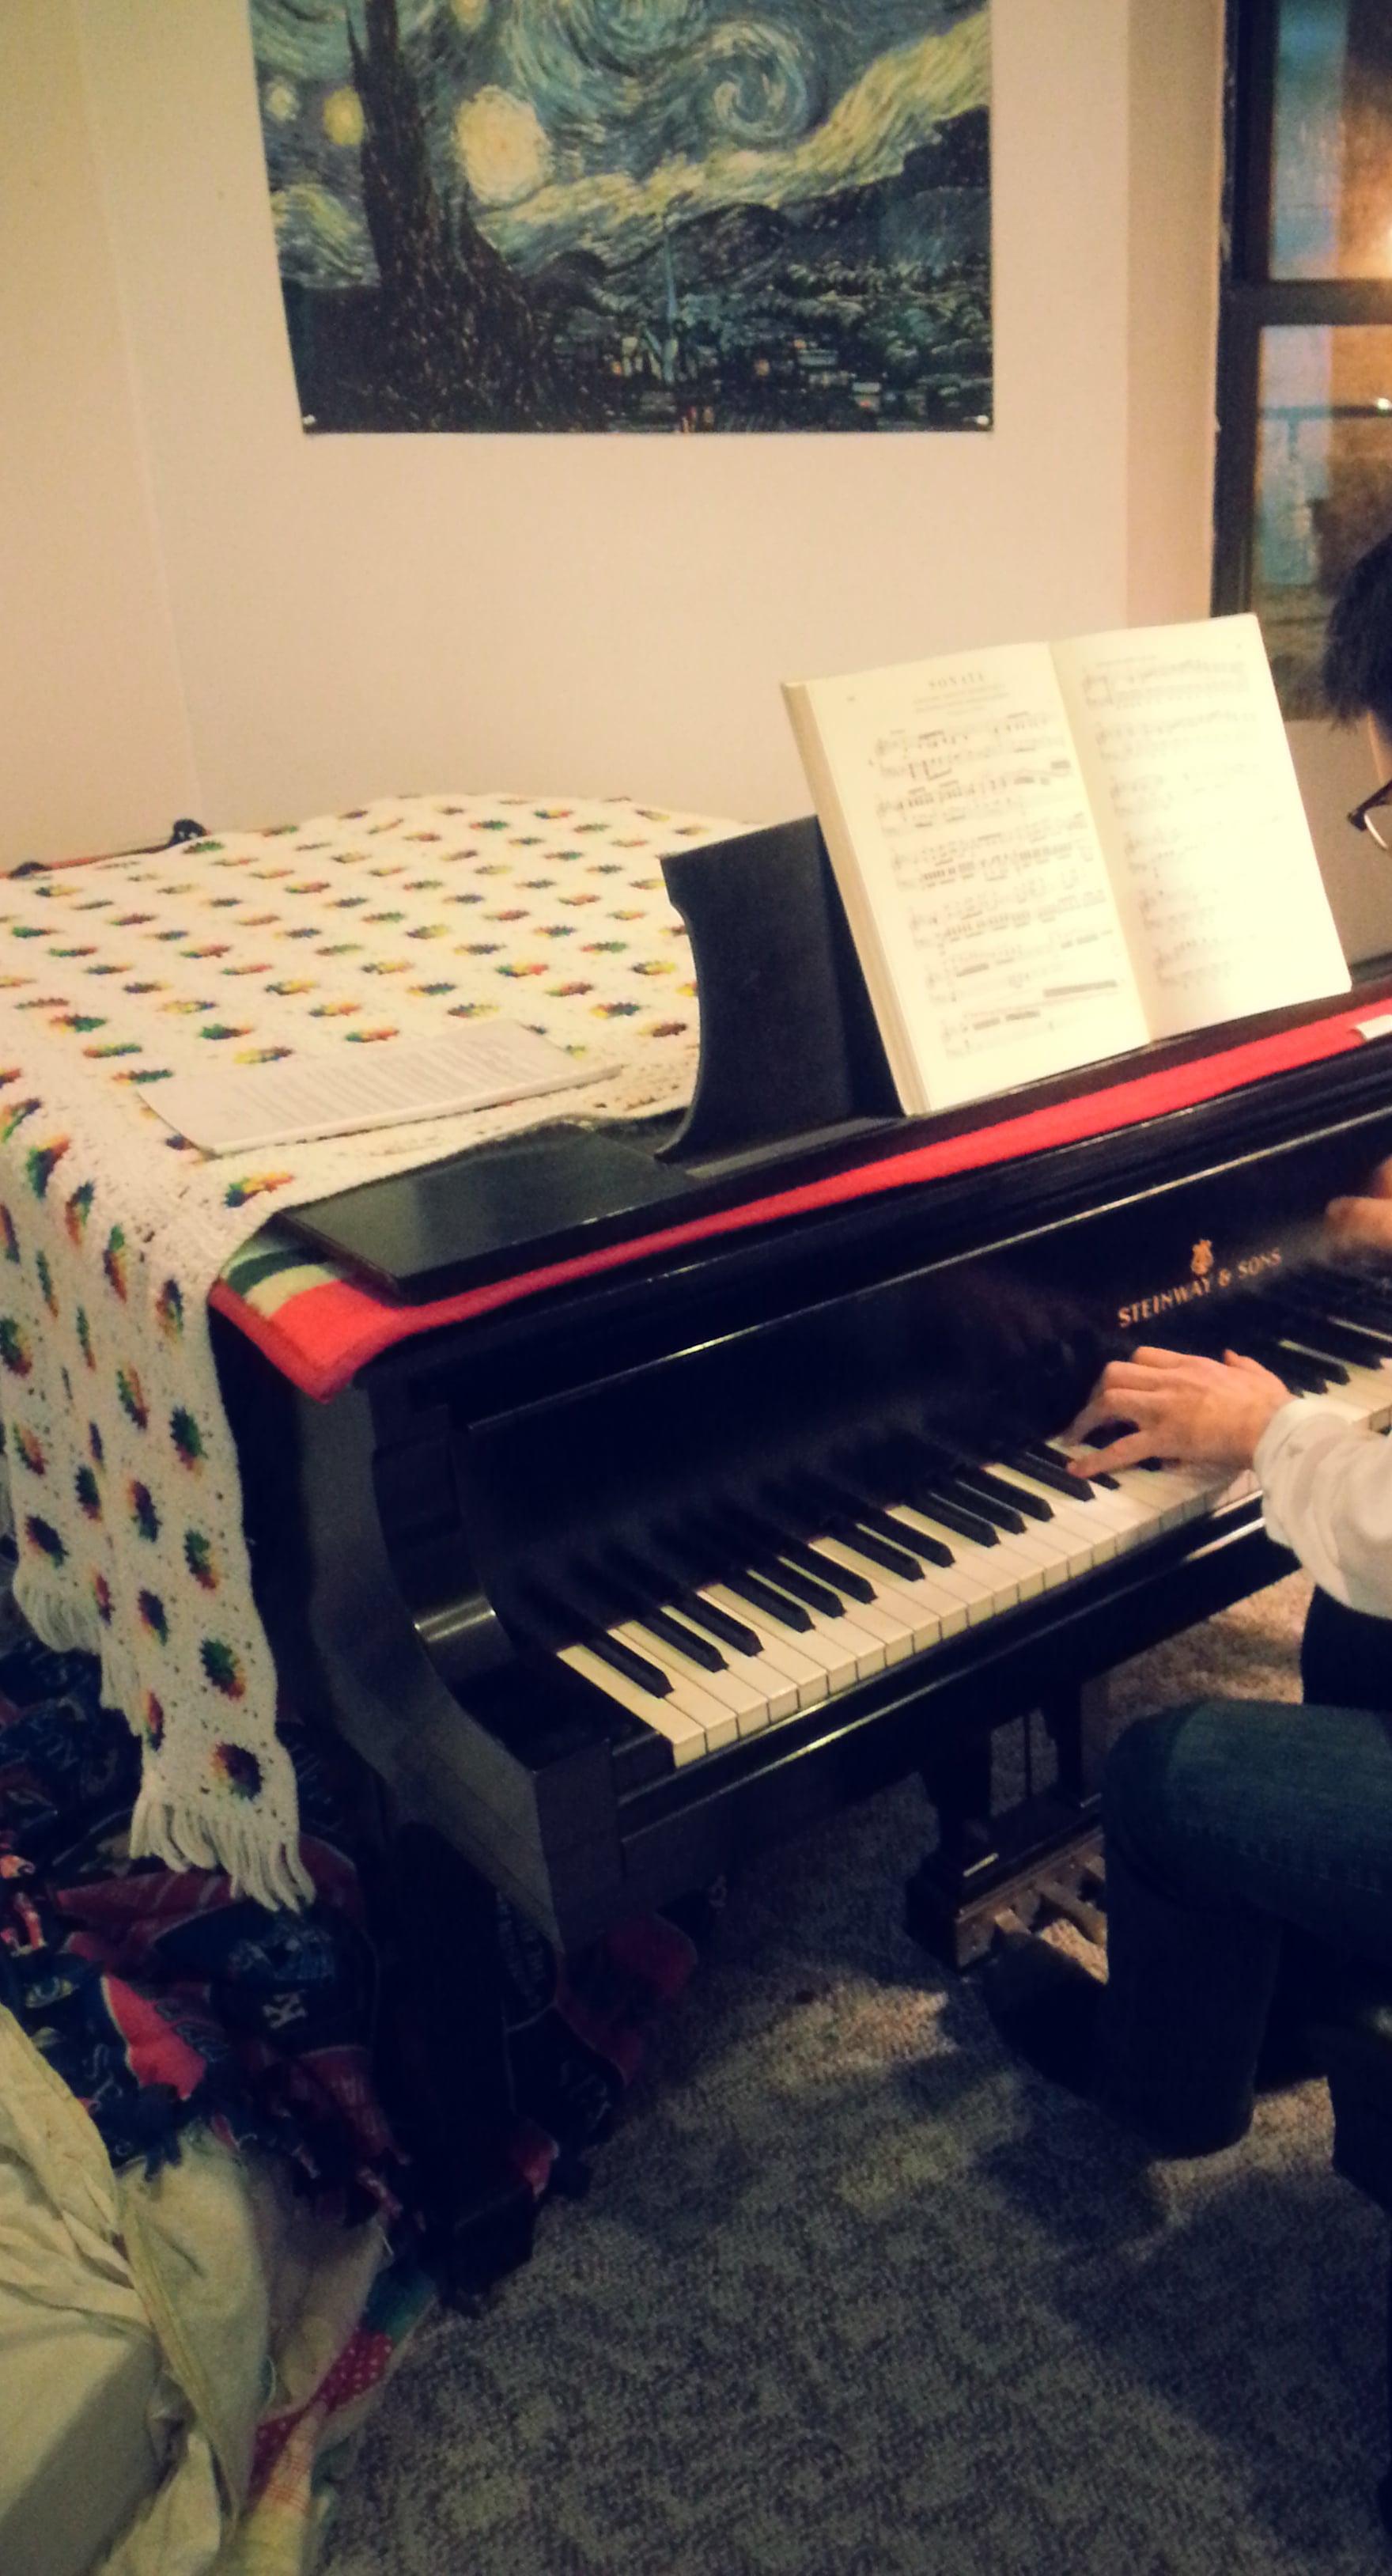 h at piano